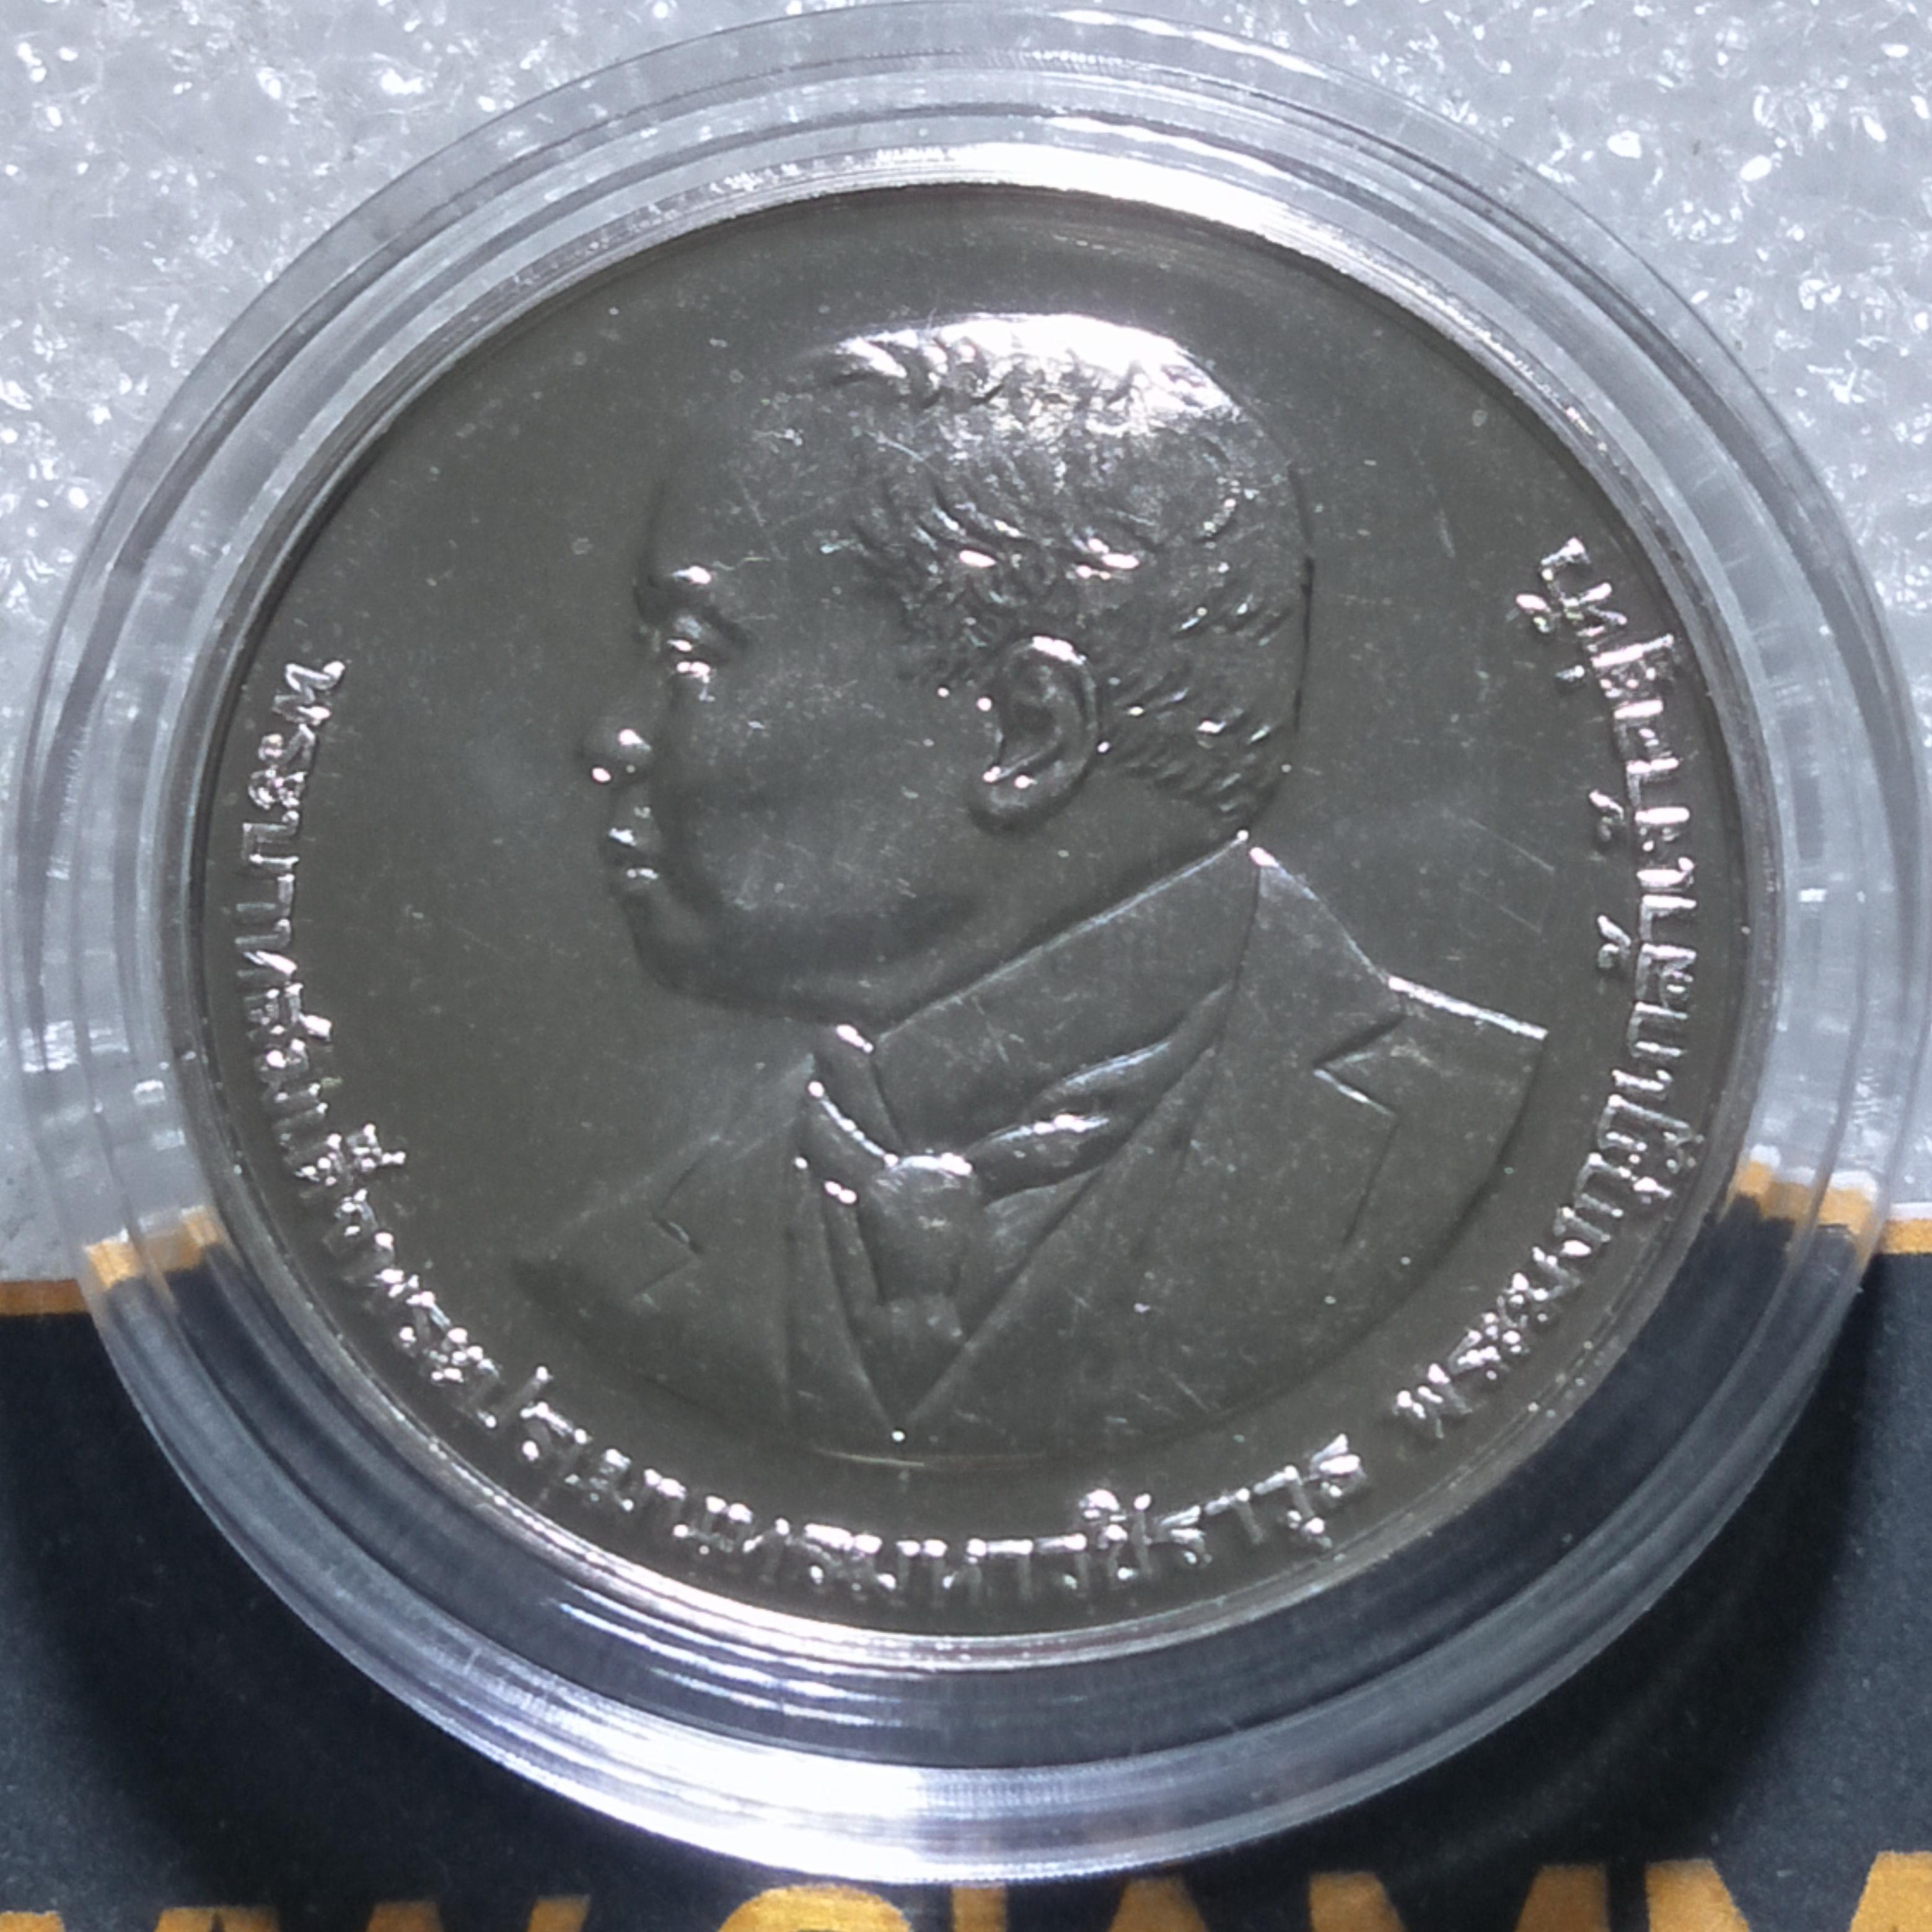 เหรียญ 20 บาท 2561 ที่ระลึก 100 ปีการสาธารณสุขไทย